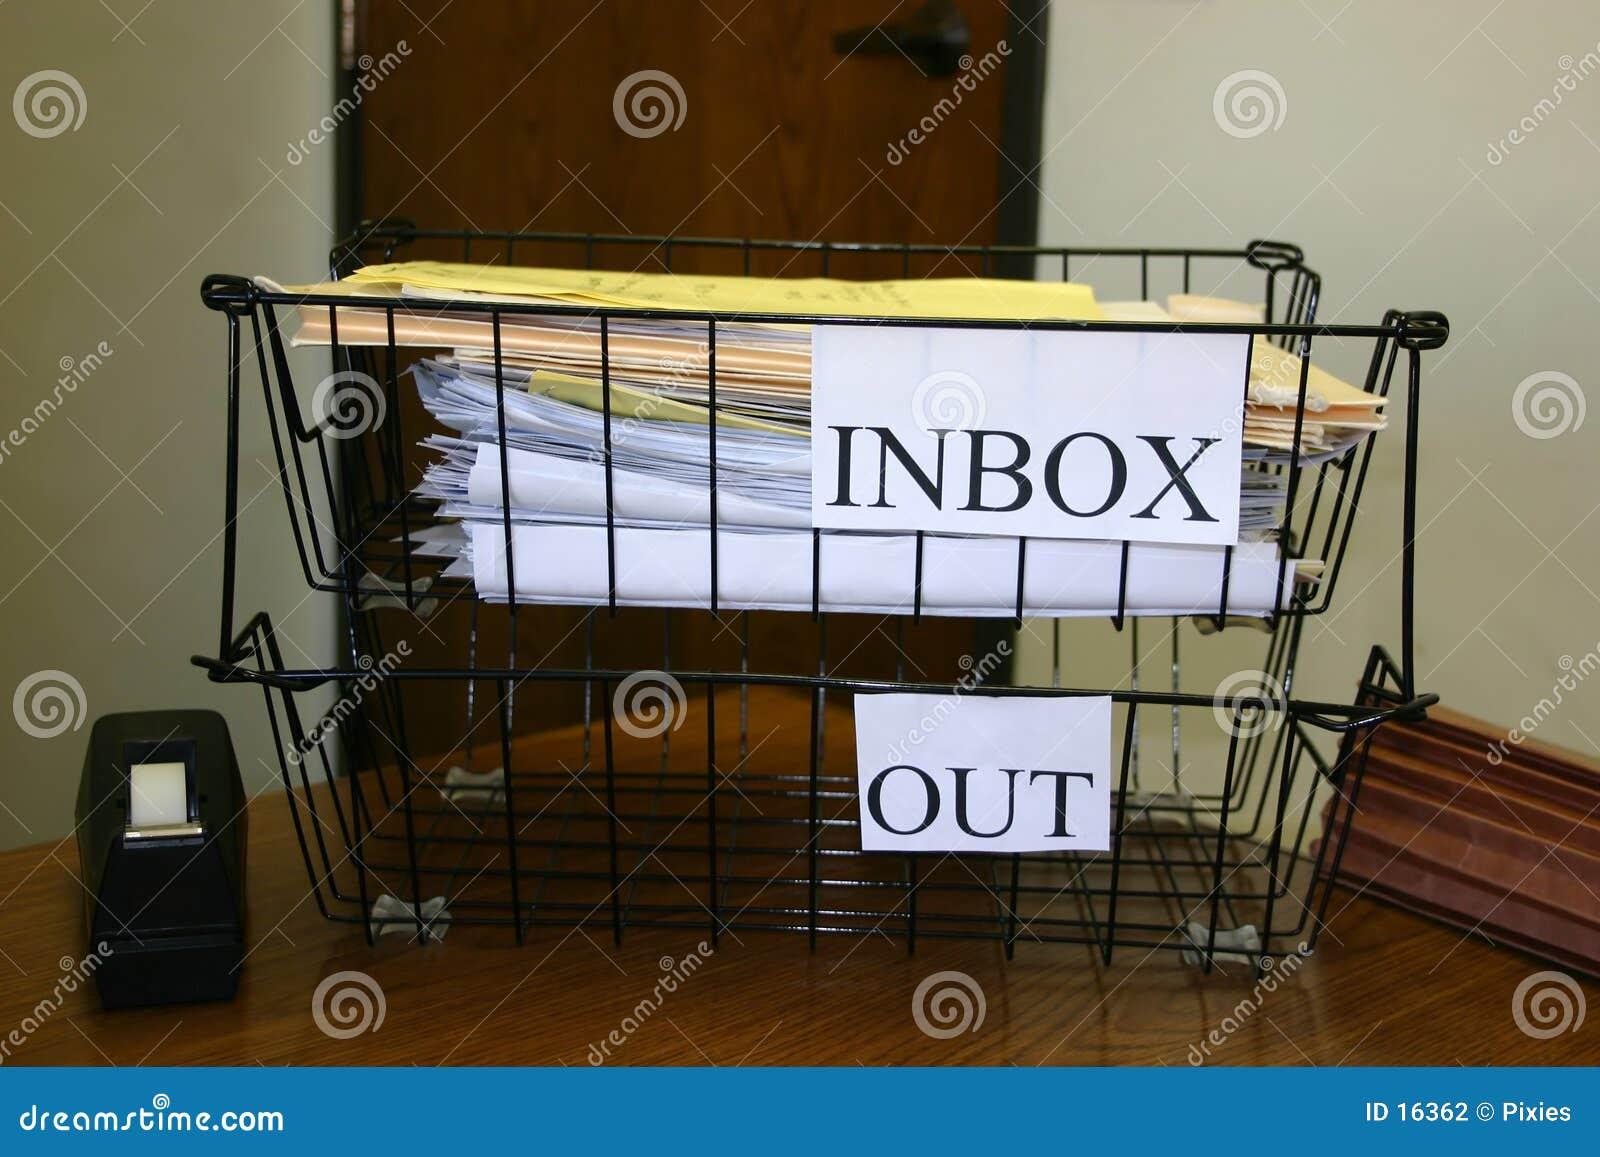 Mon Inbox